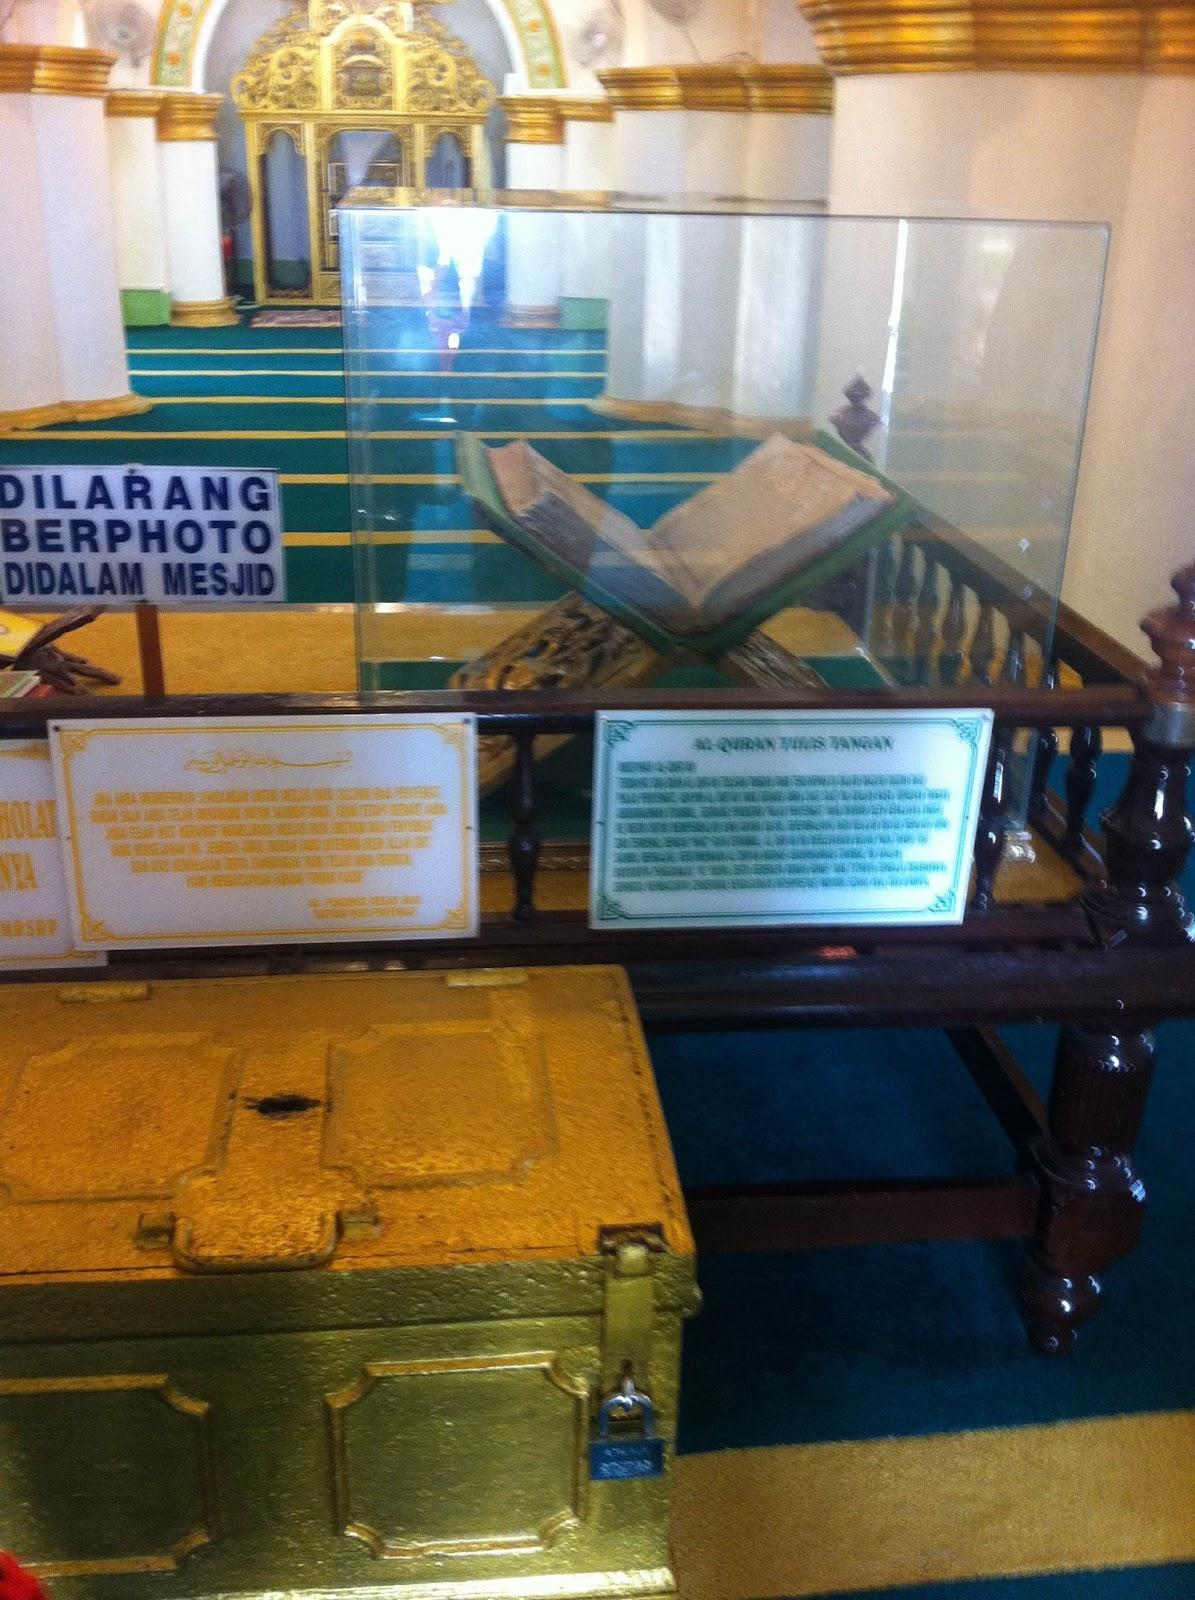 Pesona Historikal Cagar Budaya Pulau Penyengat Inderasakti Terdapat Dua Buah